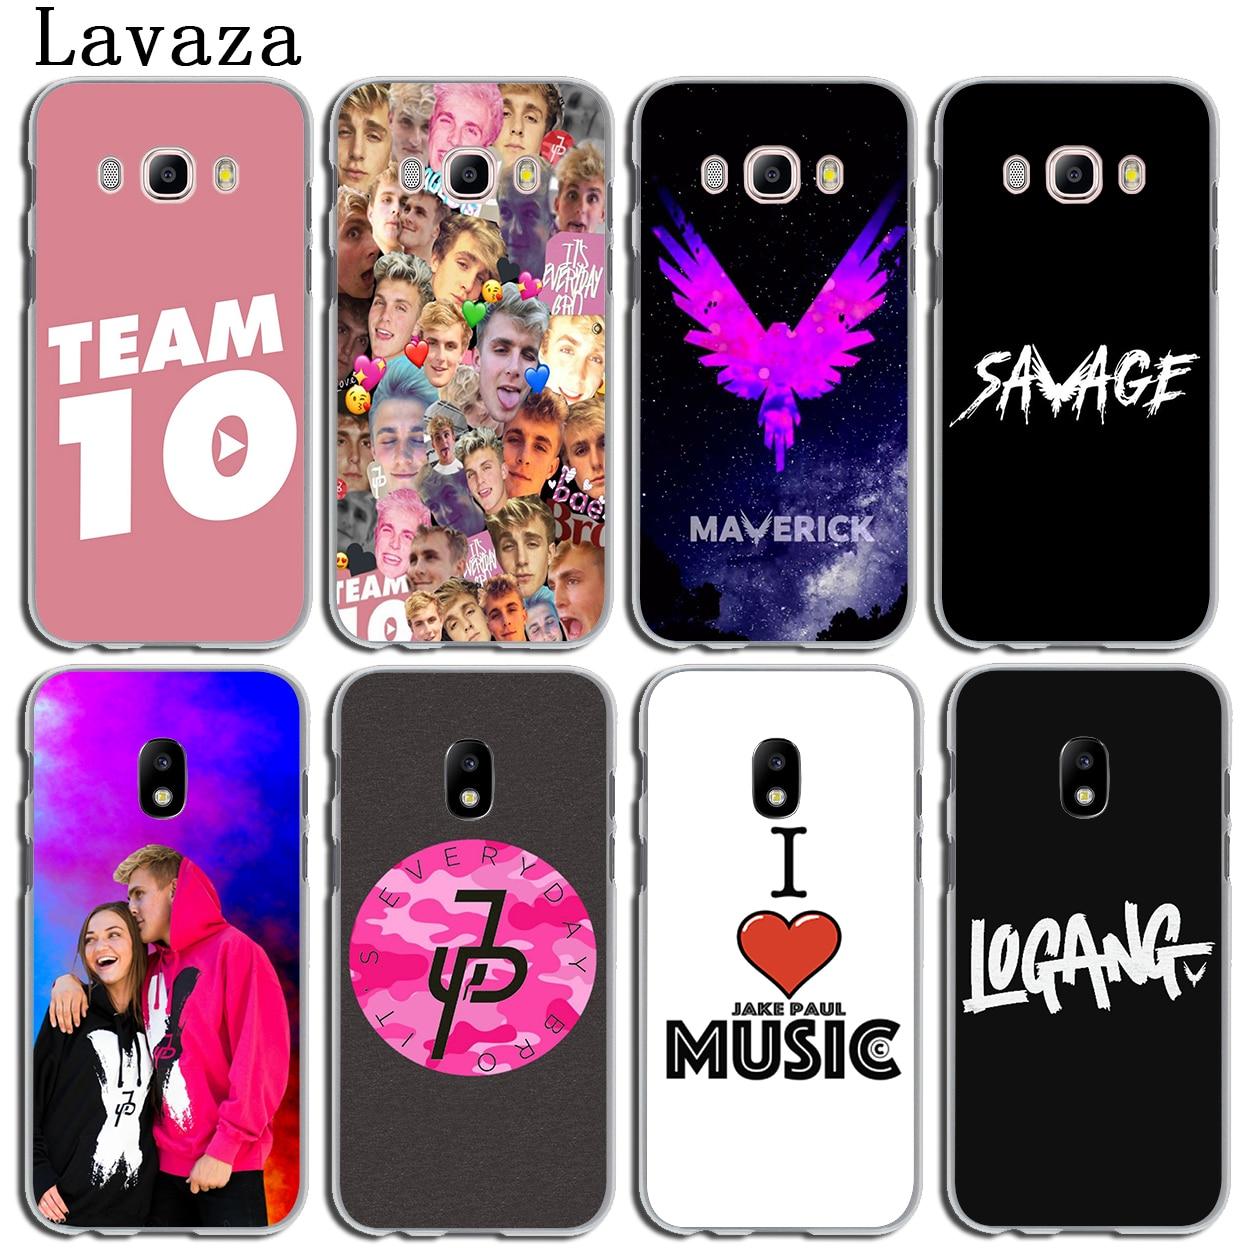 Lavaza logan Jake Paul Team 10 Phone Cover Case for Samsung Galaxy J3 J1 J2 J7 J5 2015 2 ...